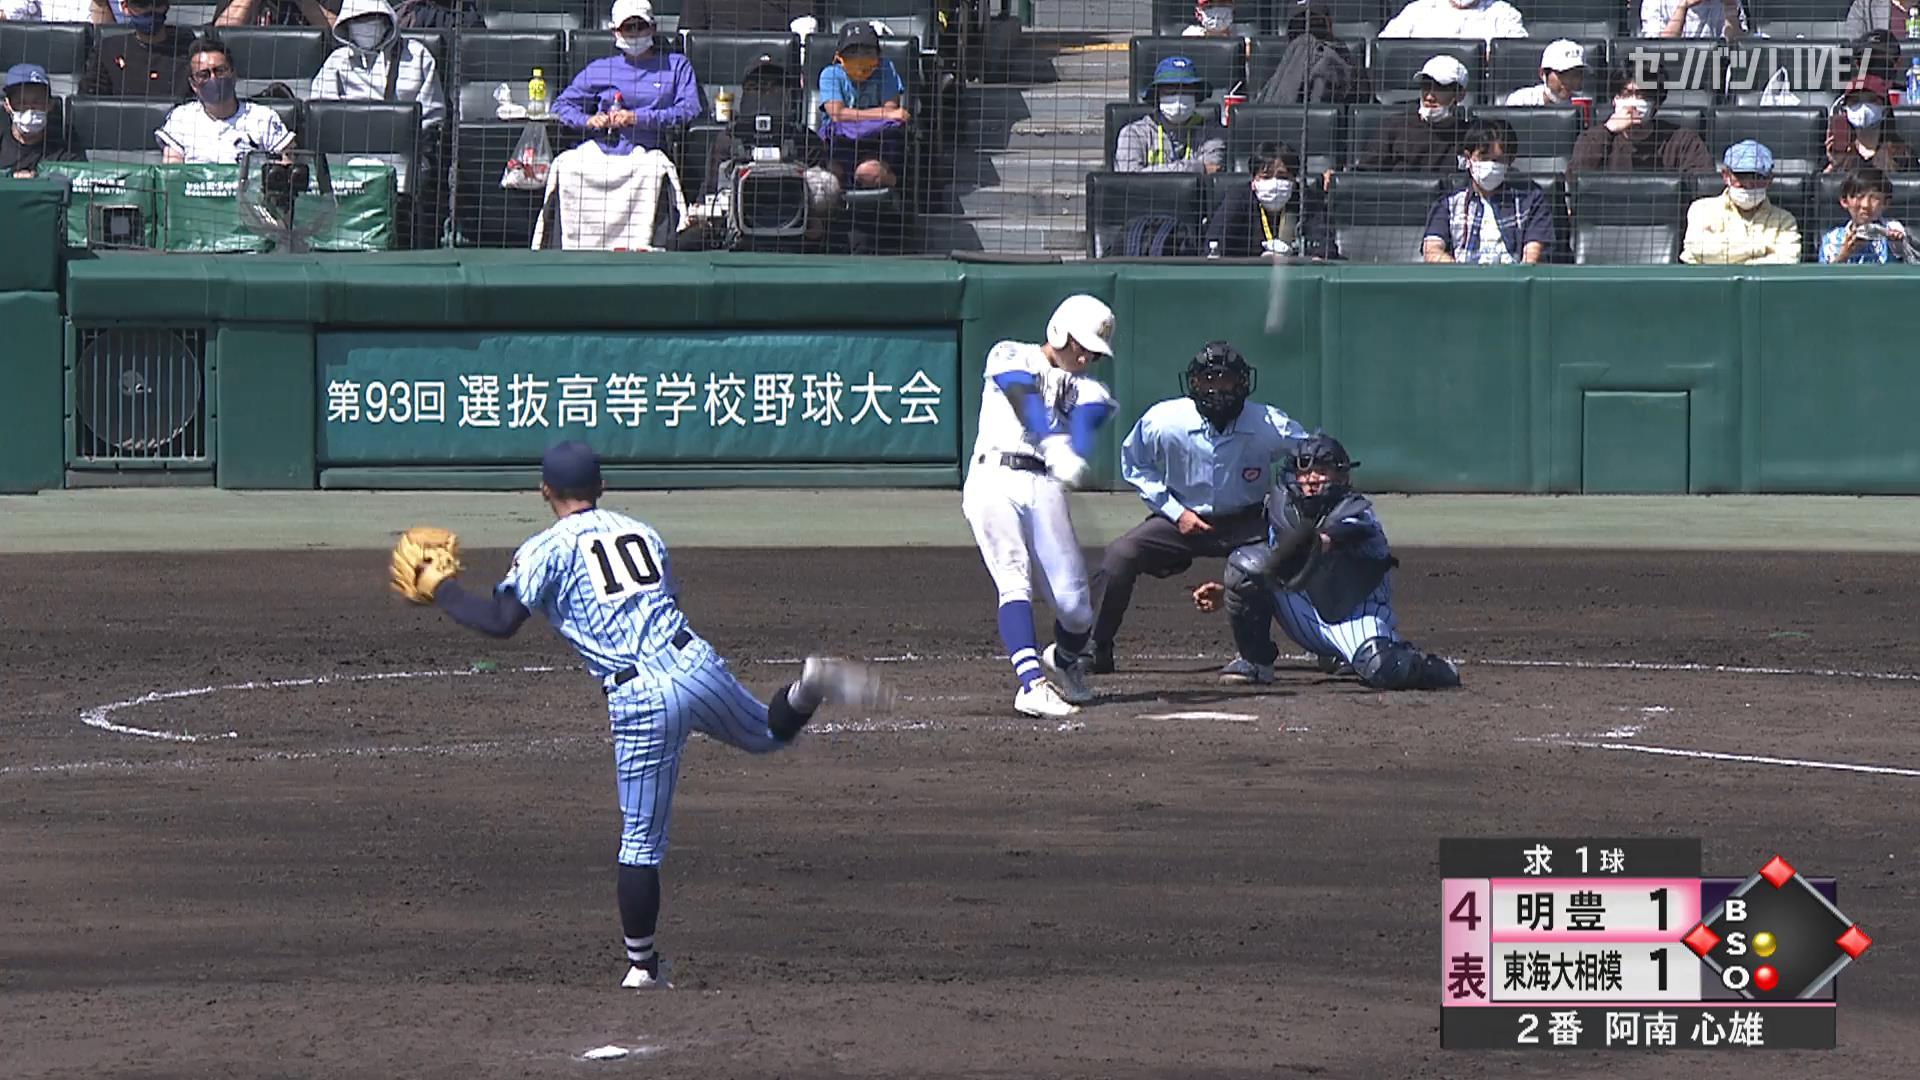 【センバツ高校野球】東海大相模 - 明豊 4回表 明豊・阿南 心雄の打席。一死満塁、レフトへの犠牲フライで勝ち越し。